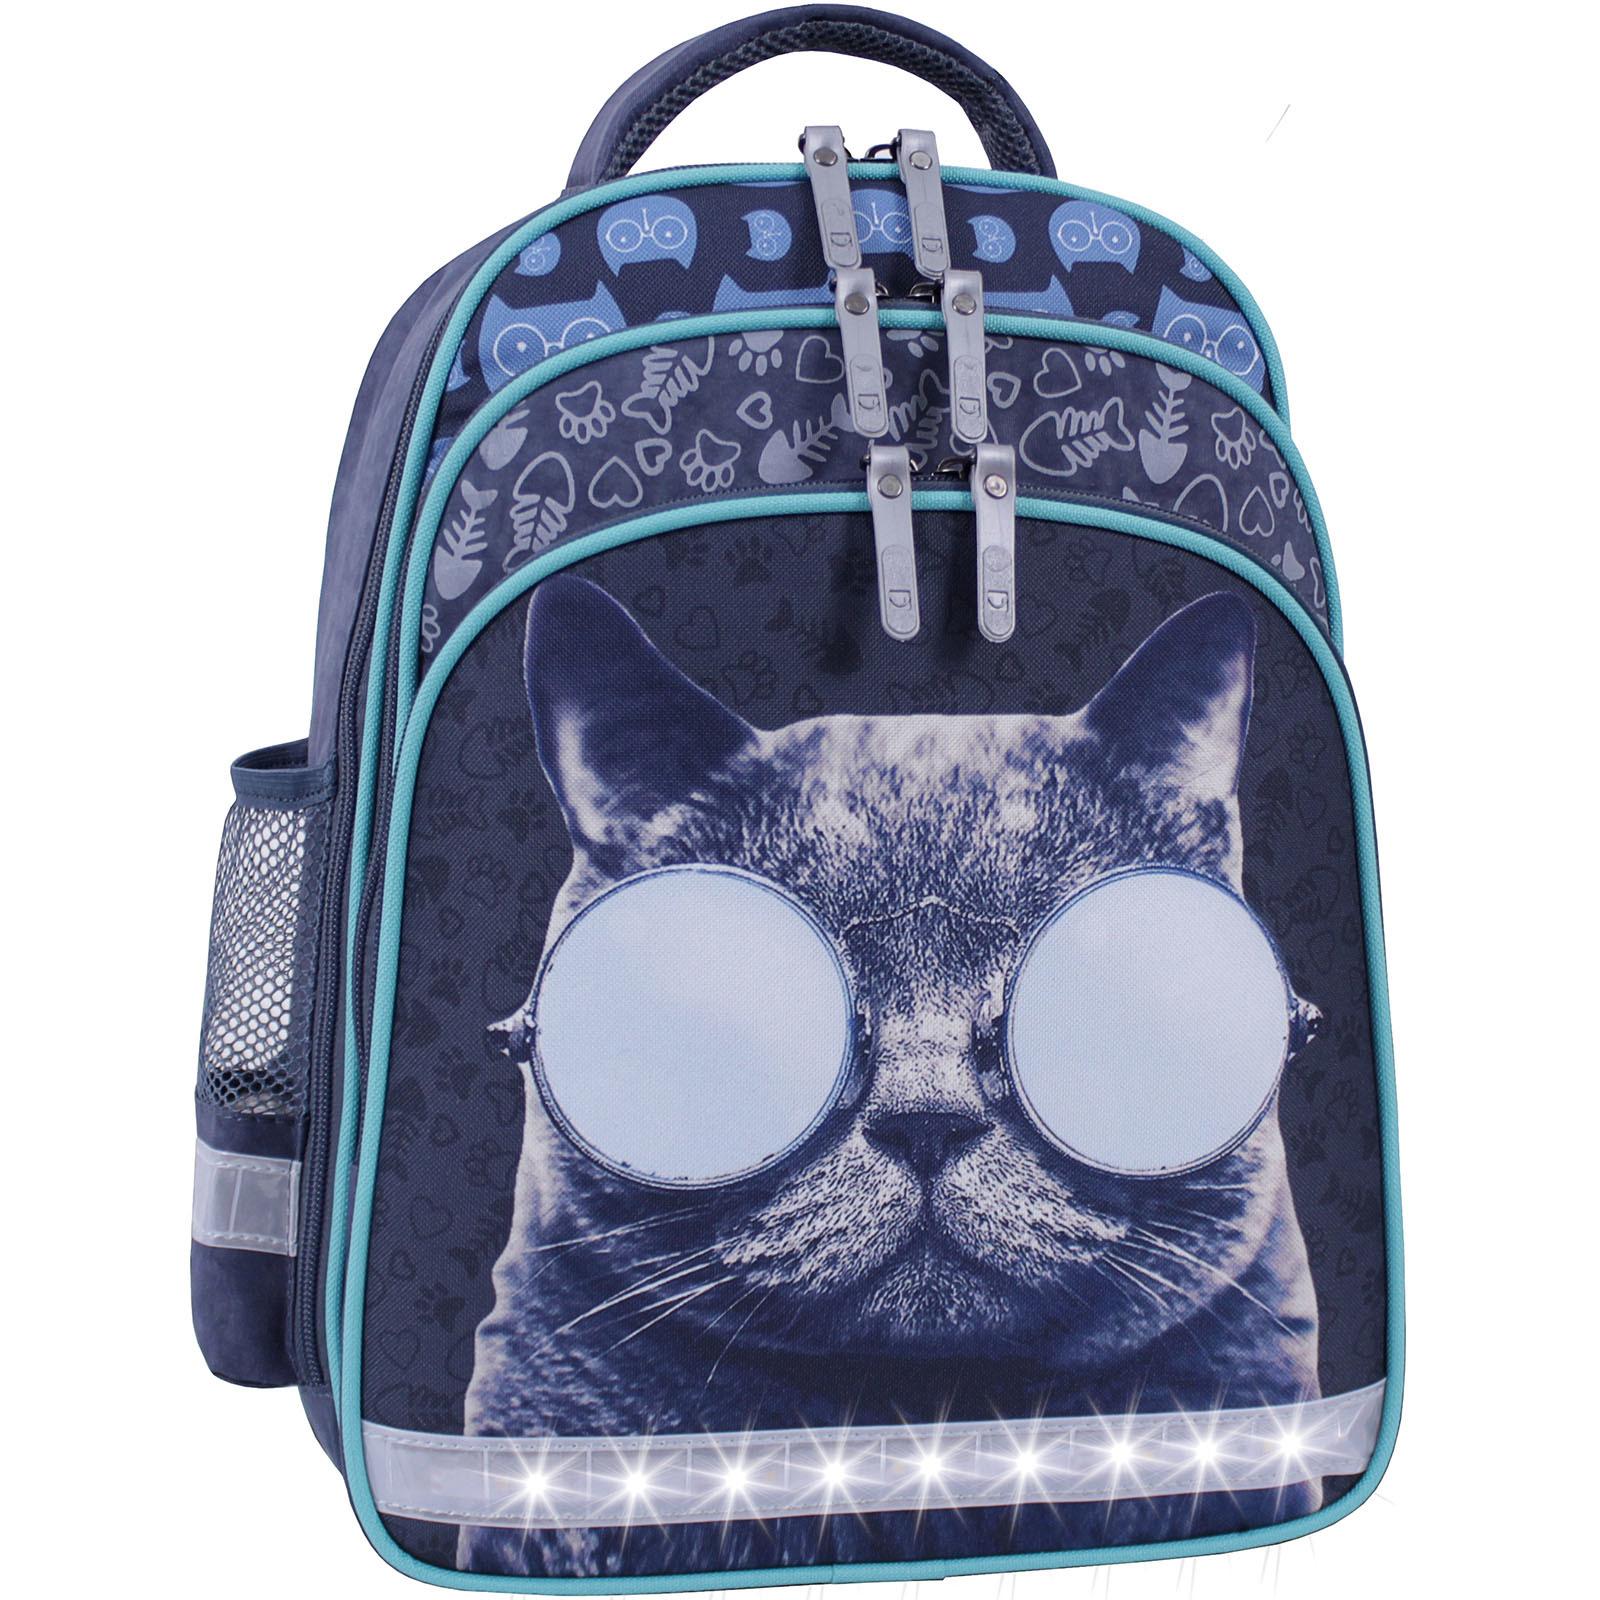 Рюкзак школьный Bagland Mouse 321 серый 611 (0051370) фото 2